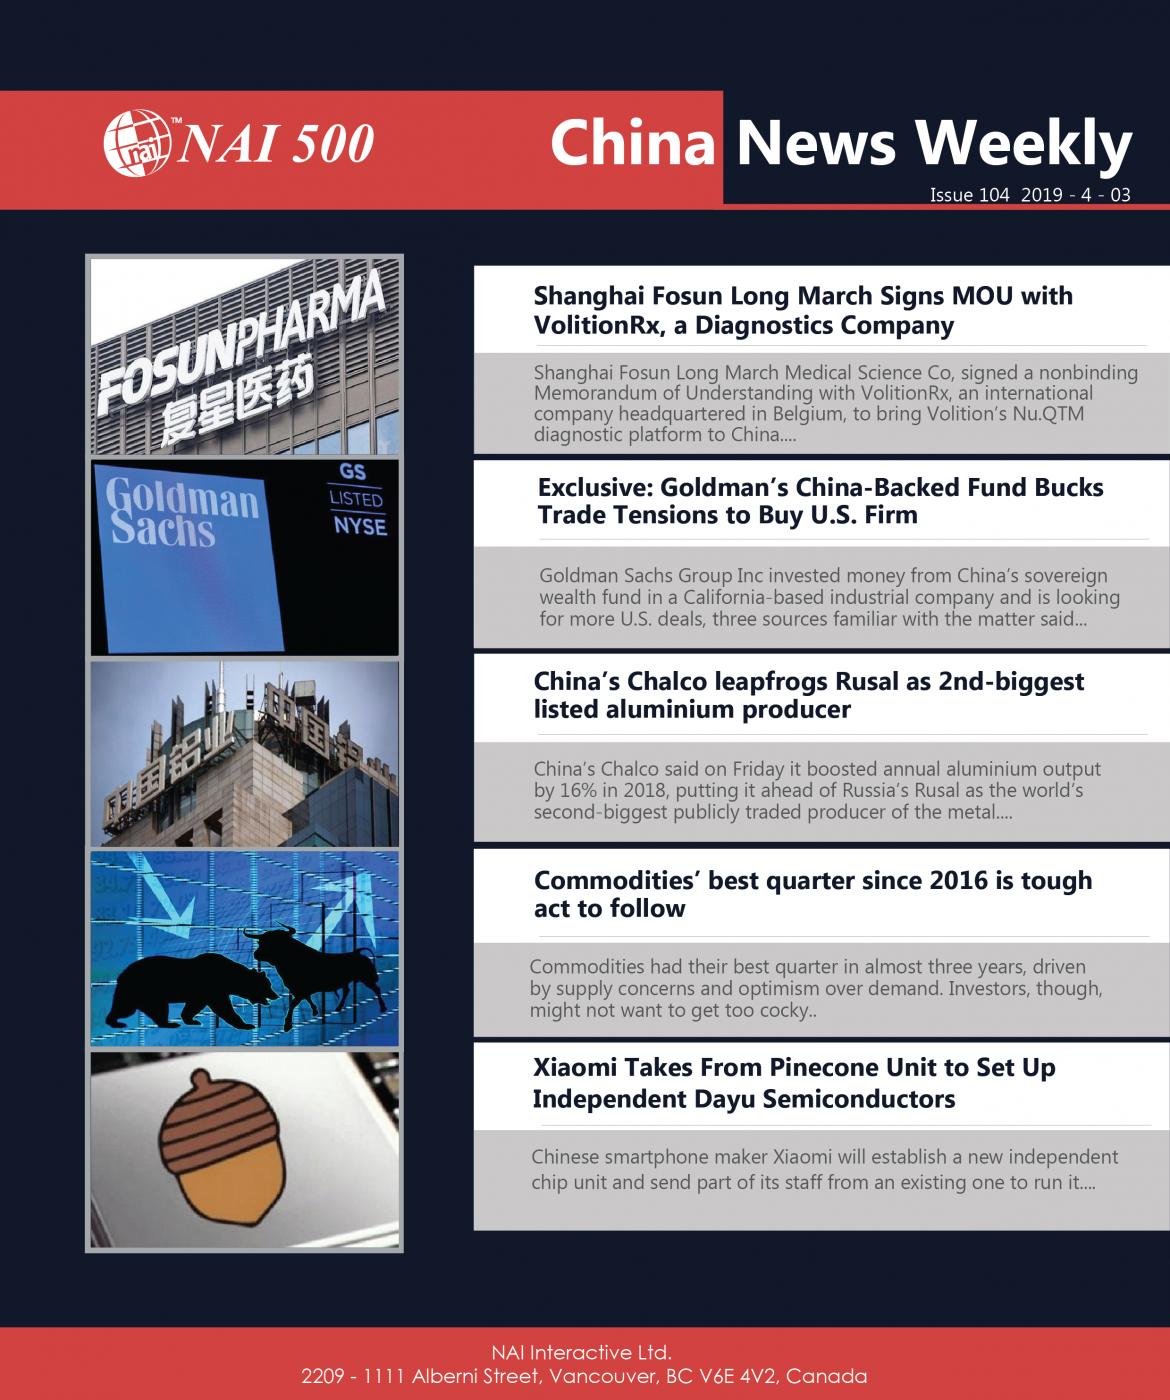 China News Weekly_China_News_Investment_April_03_2019 - NAI 500